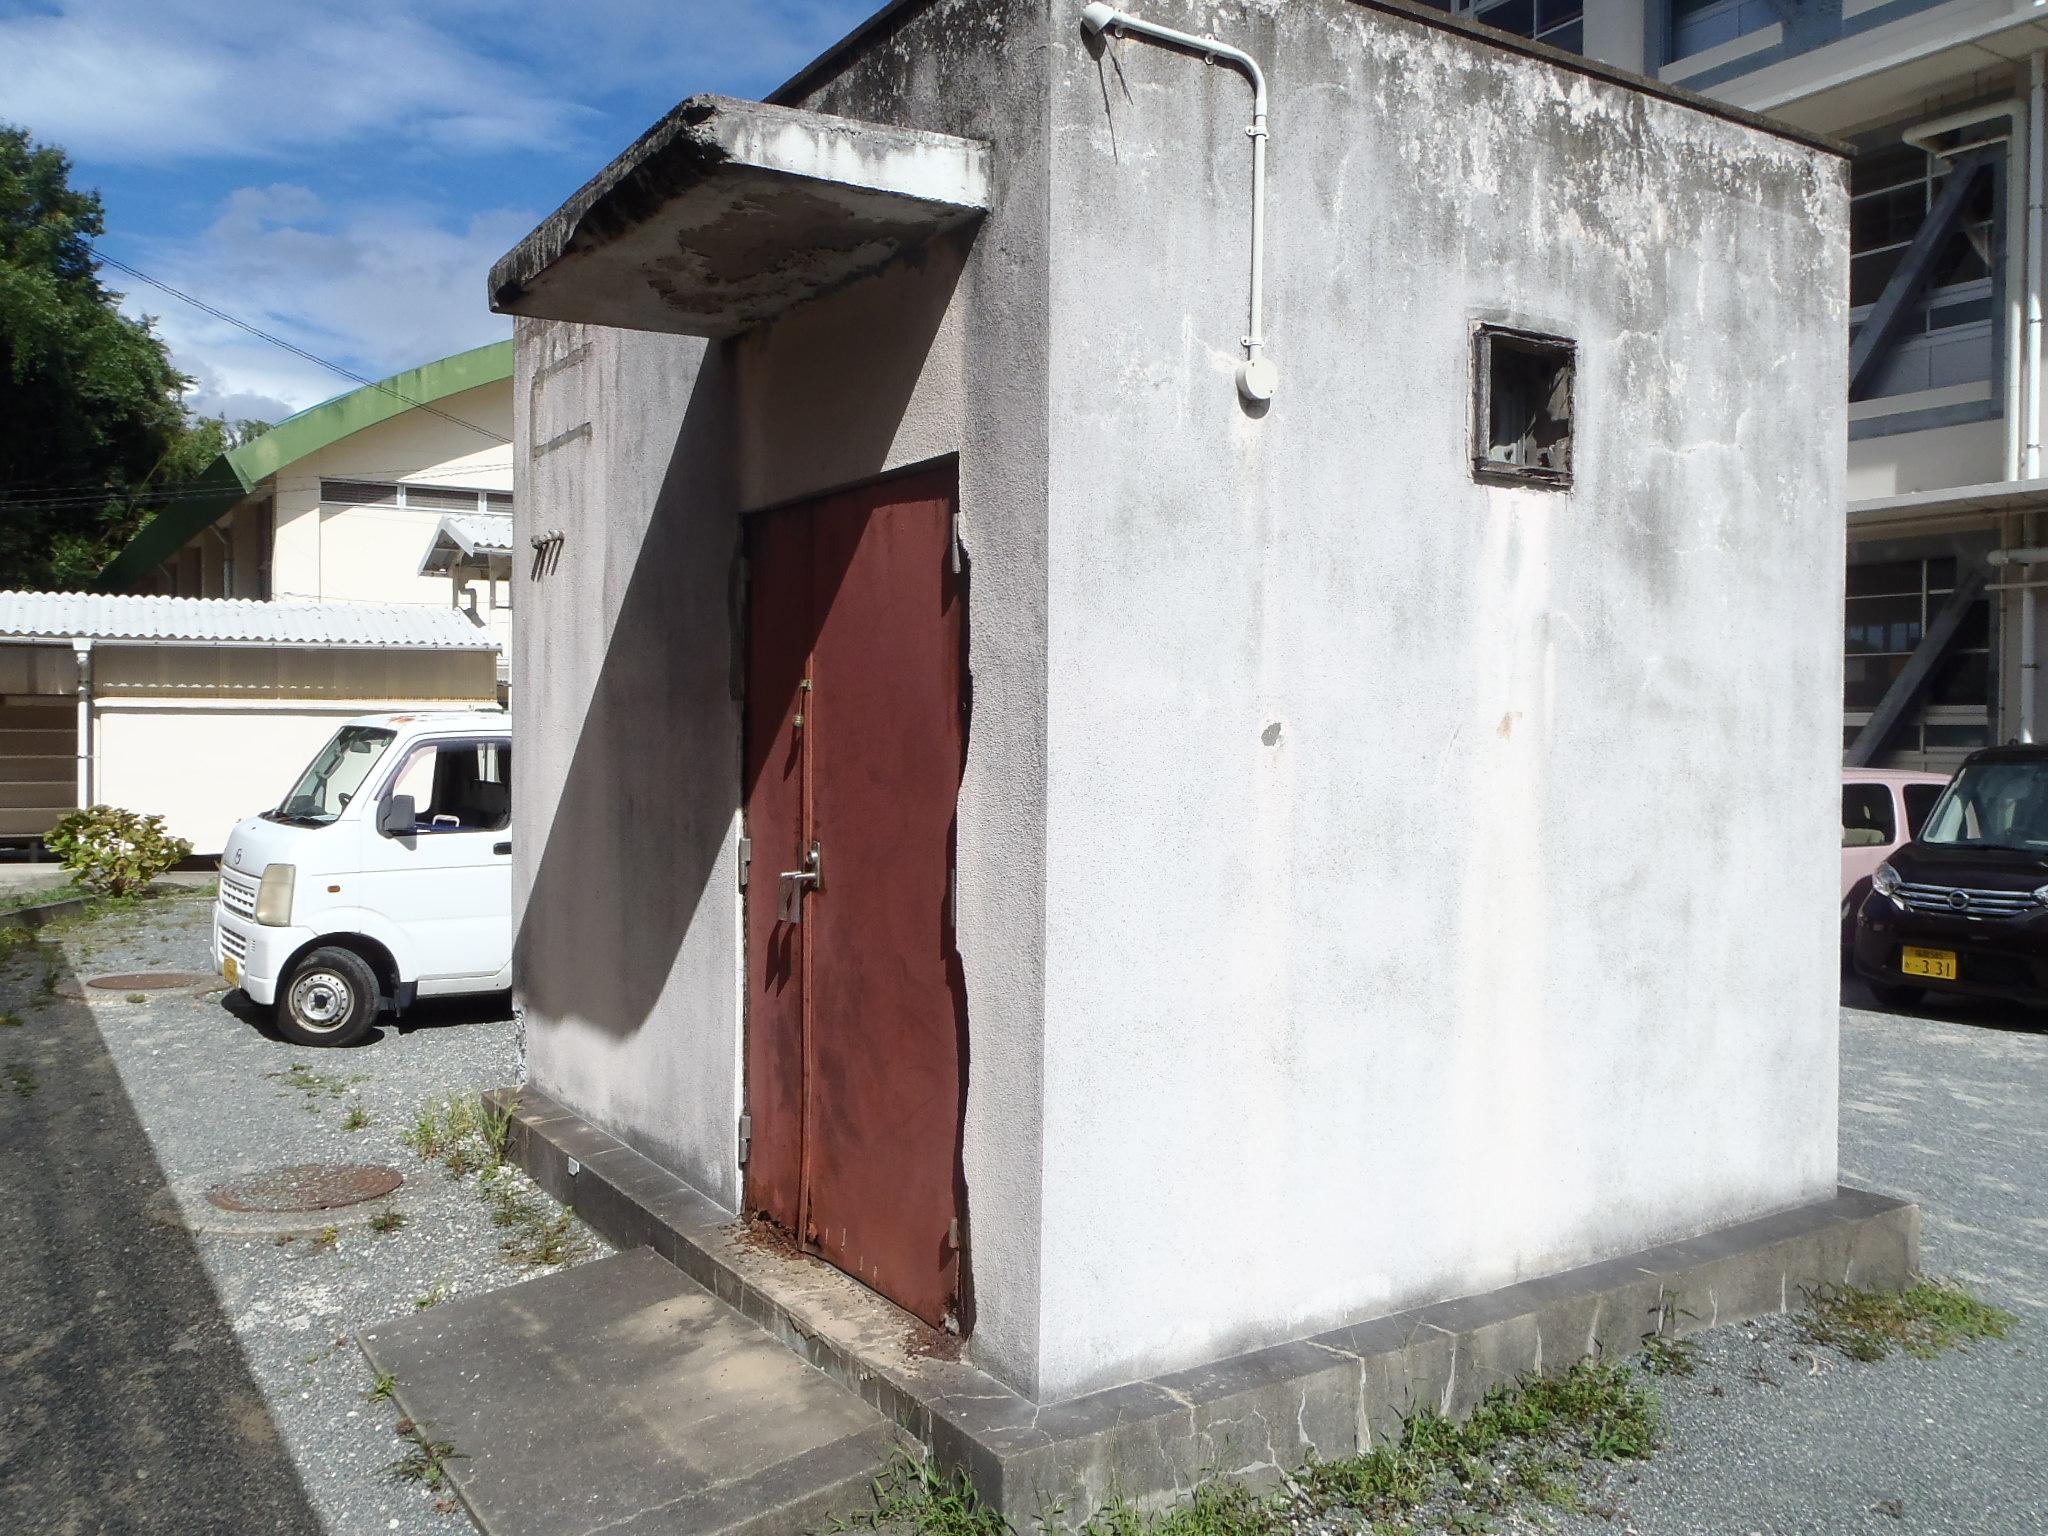 外壁剥落防止ネット設置工事 image5